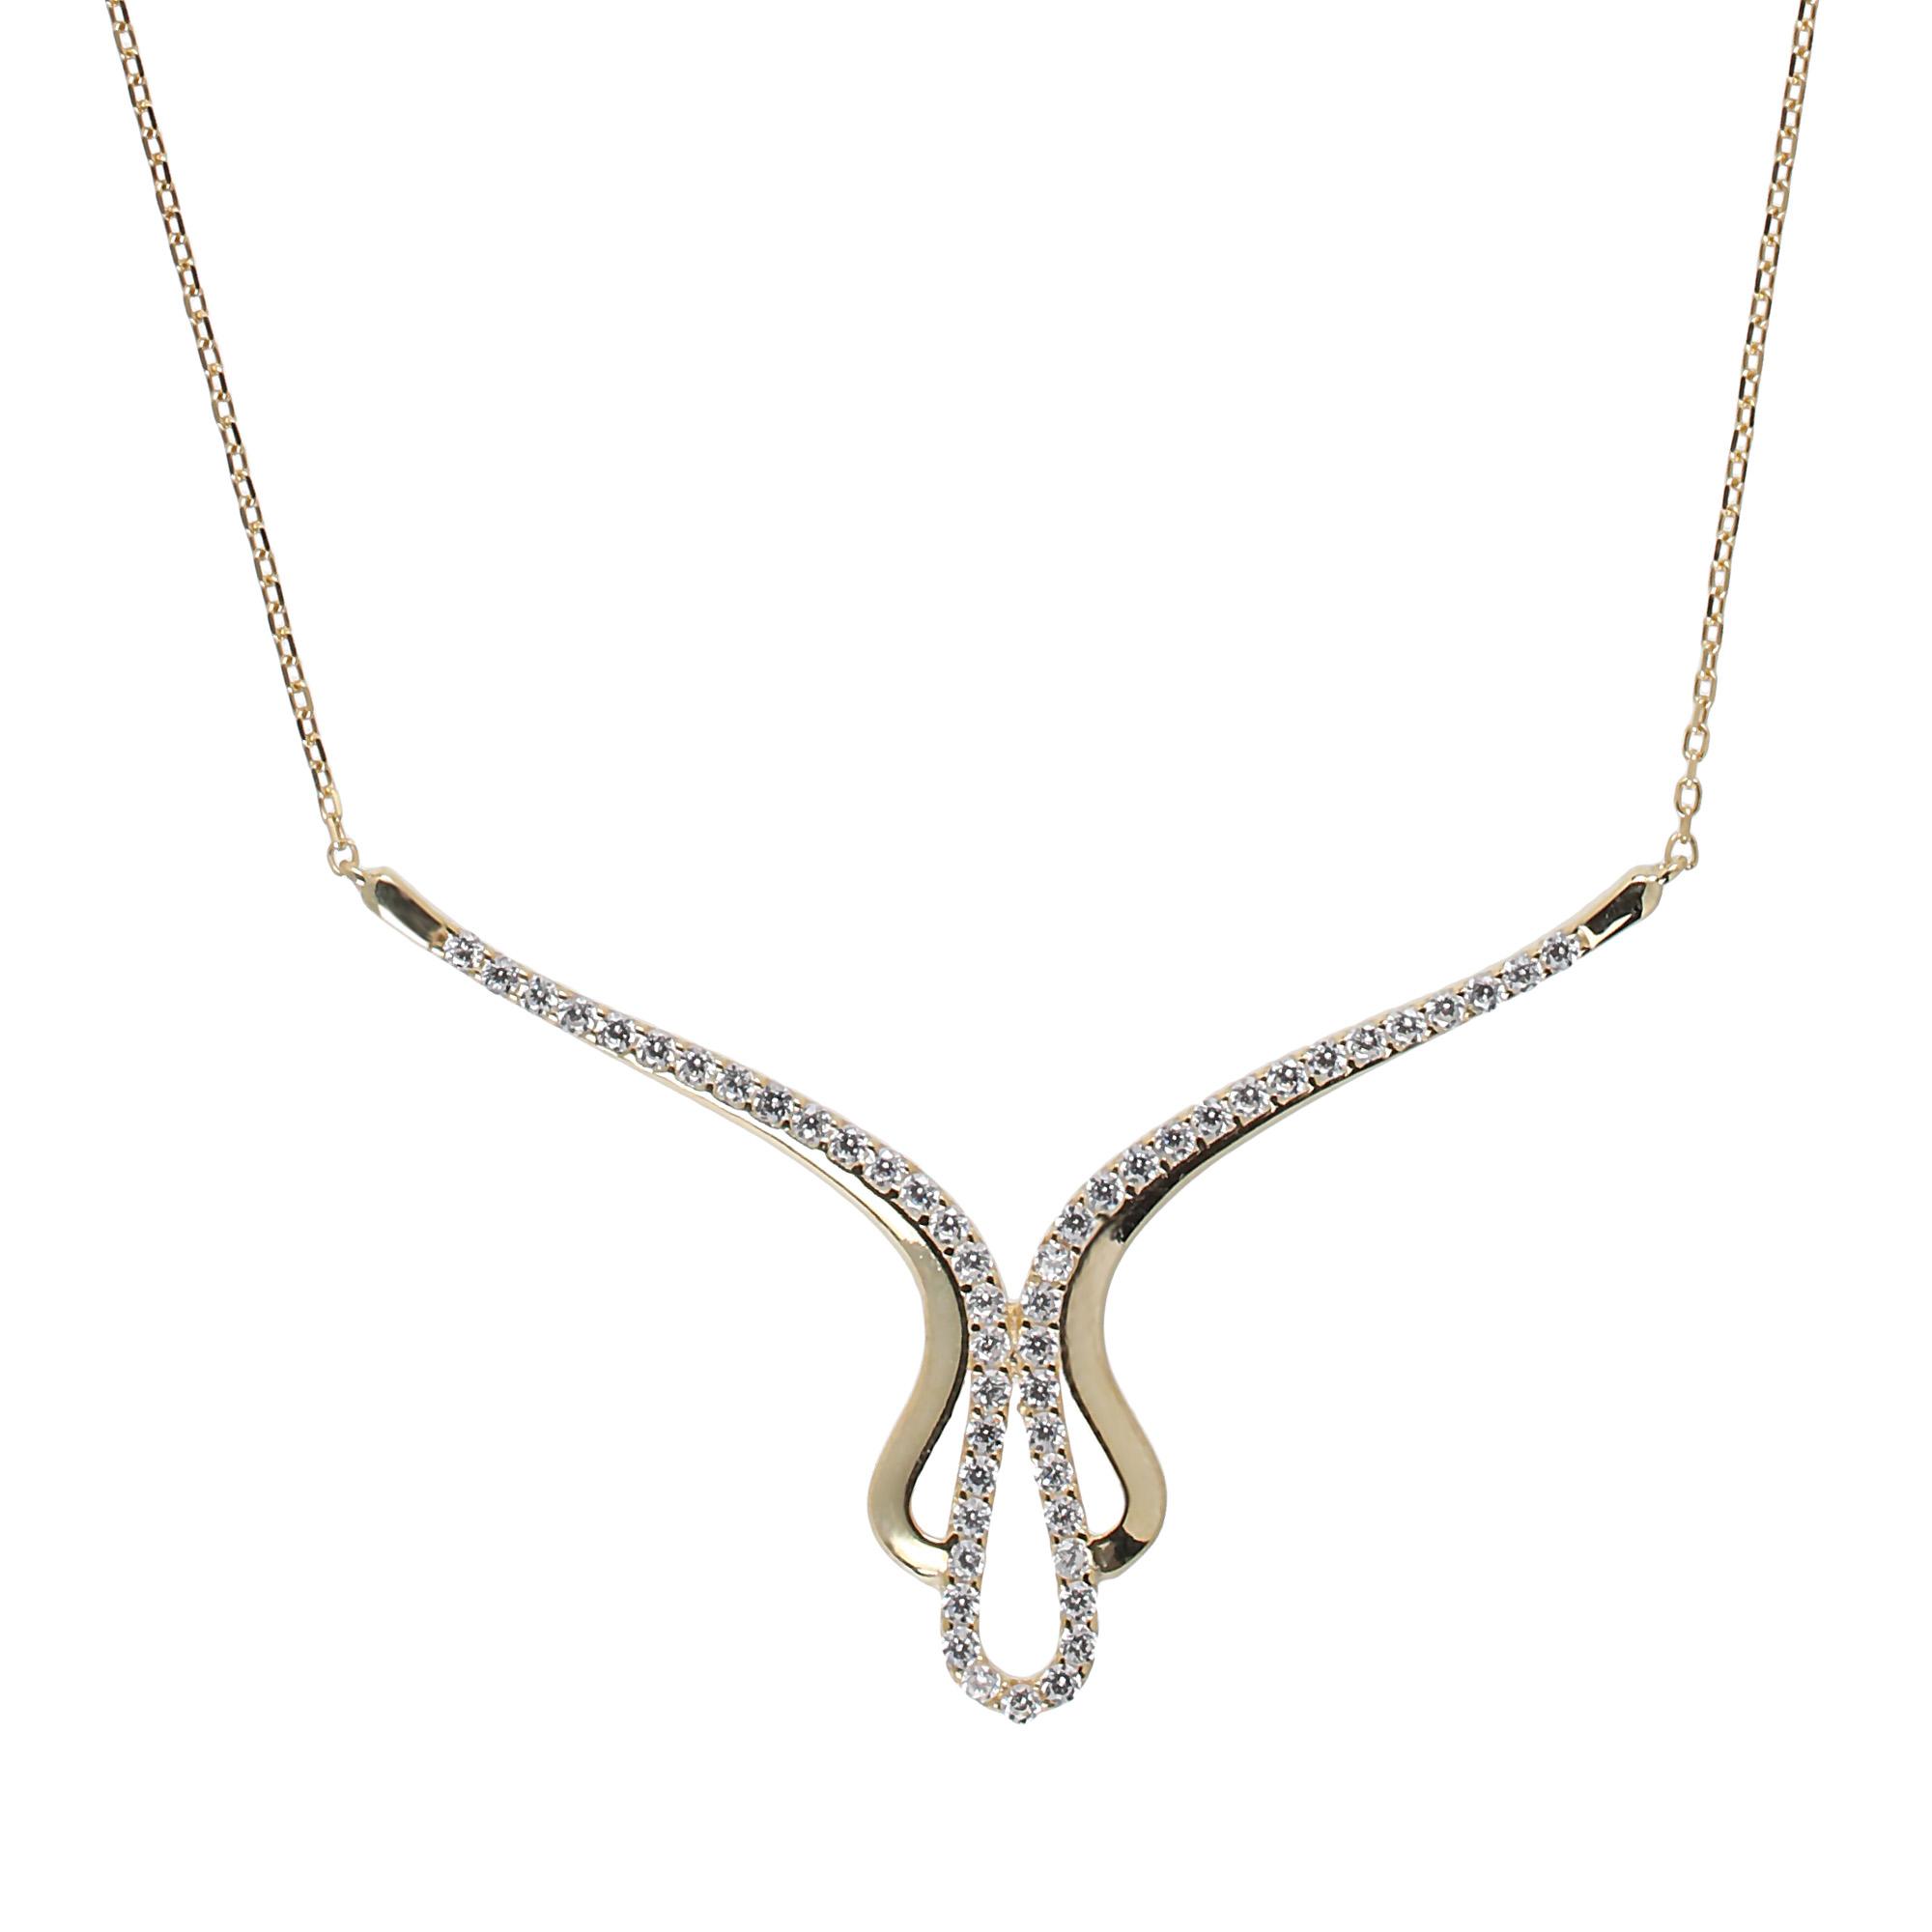 Halskette mit echtem Diamant weiß roh 2 mm 40-45 cm grau 925 vergoldet